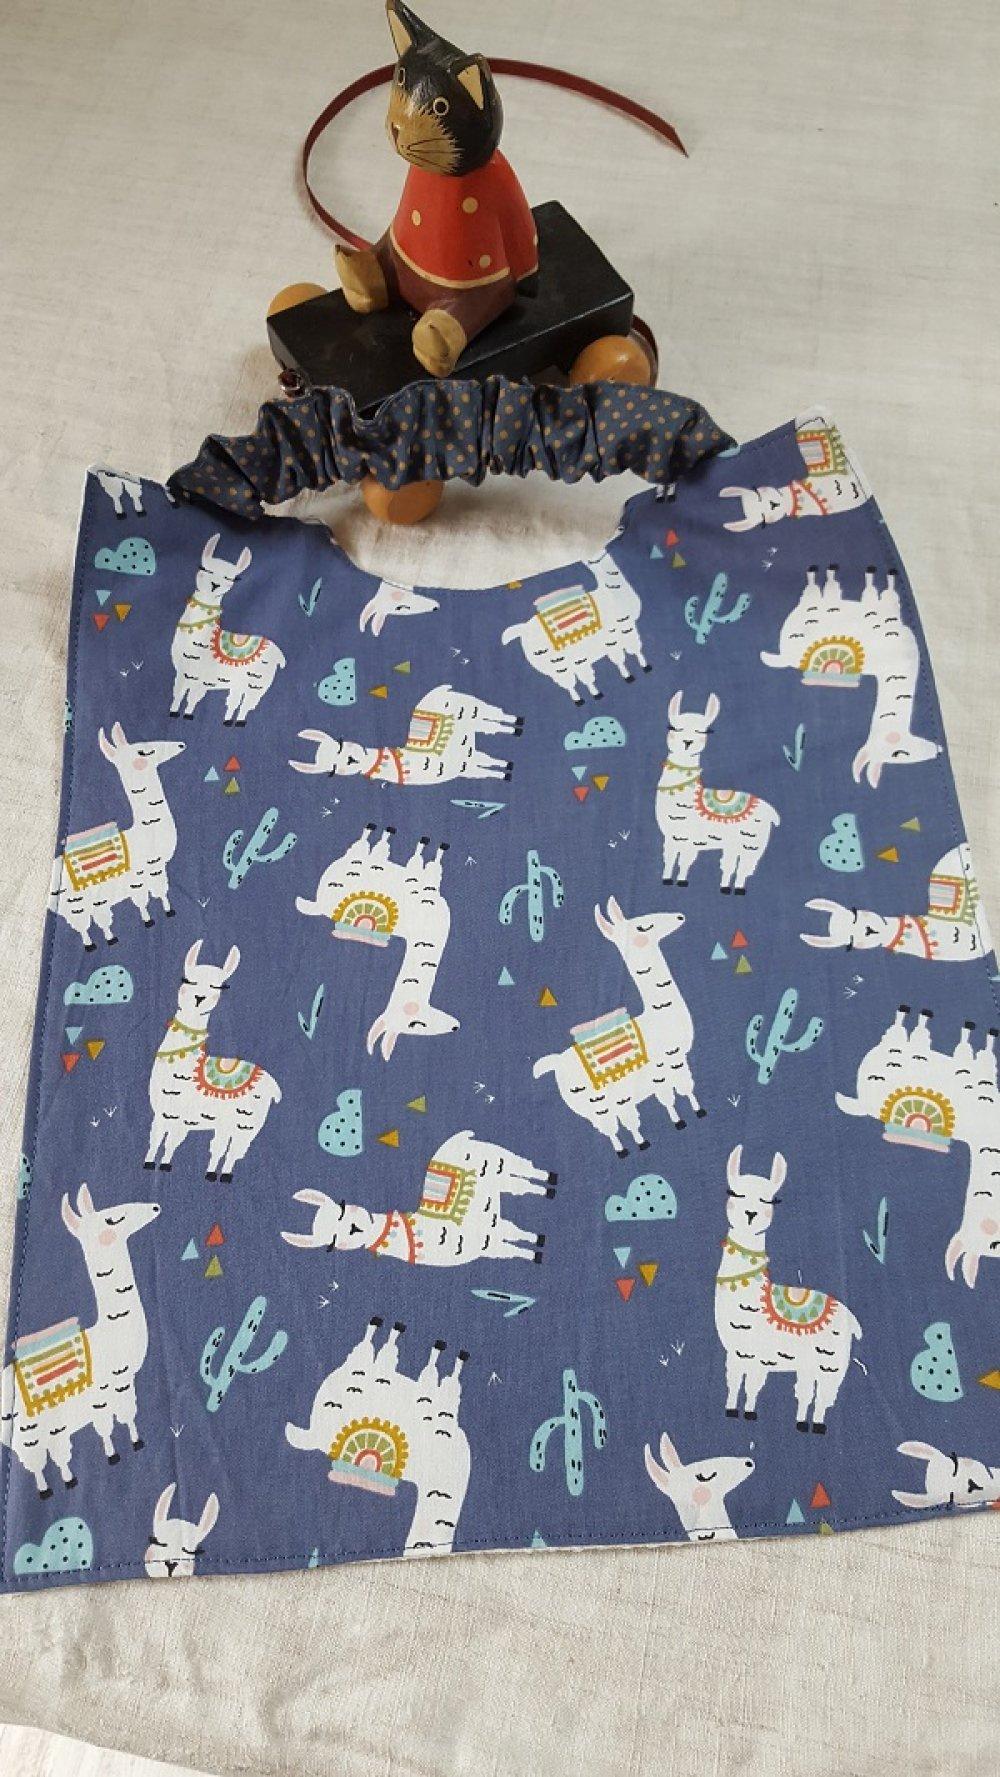 Serviette à élastique imprimée de lamas, fond bleu jean